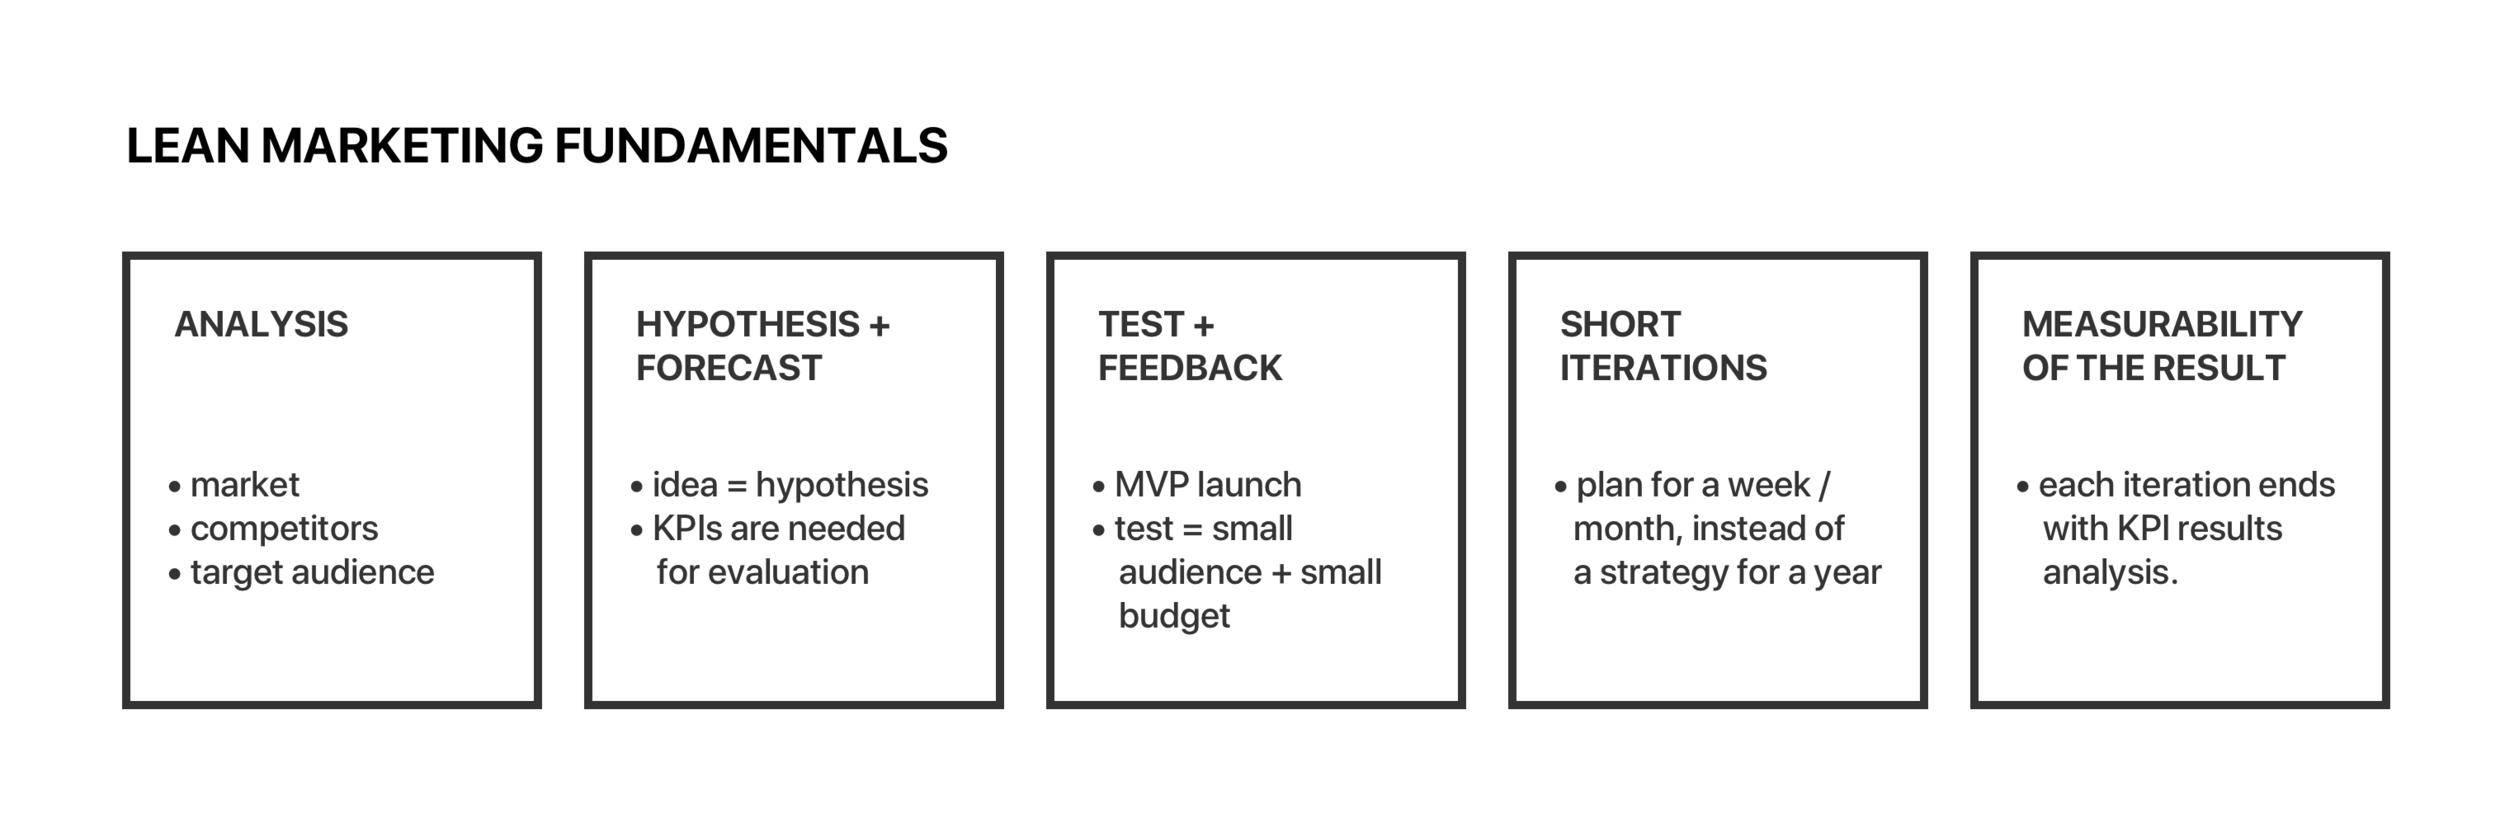 Lean Marketing Fundamentals.png